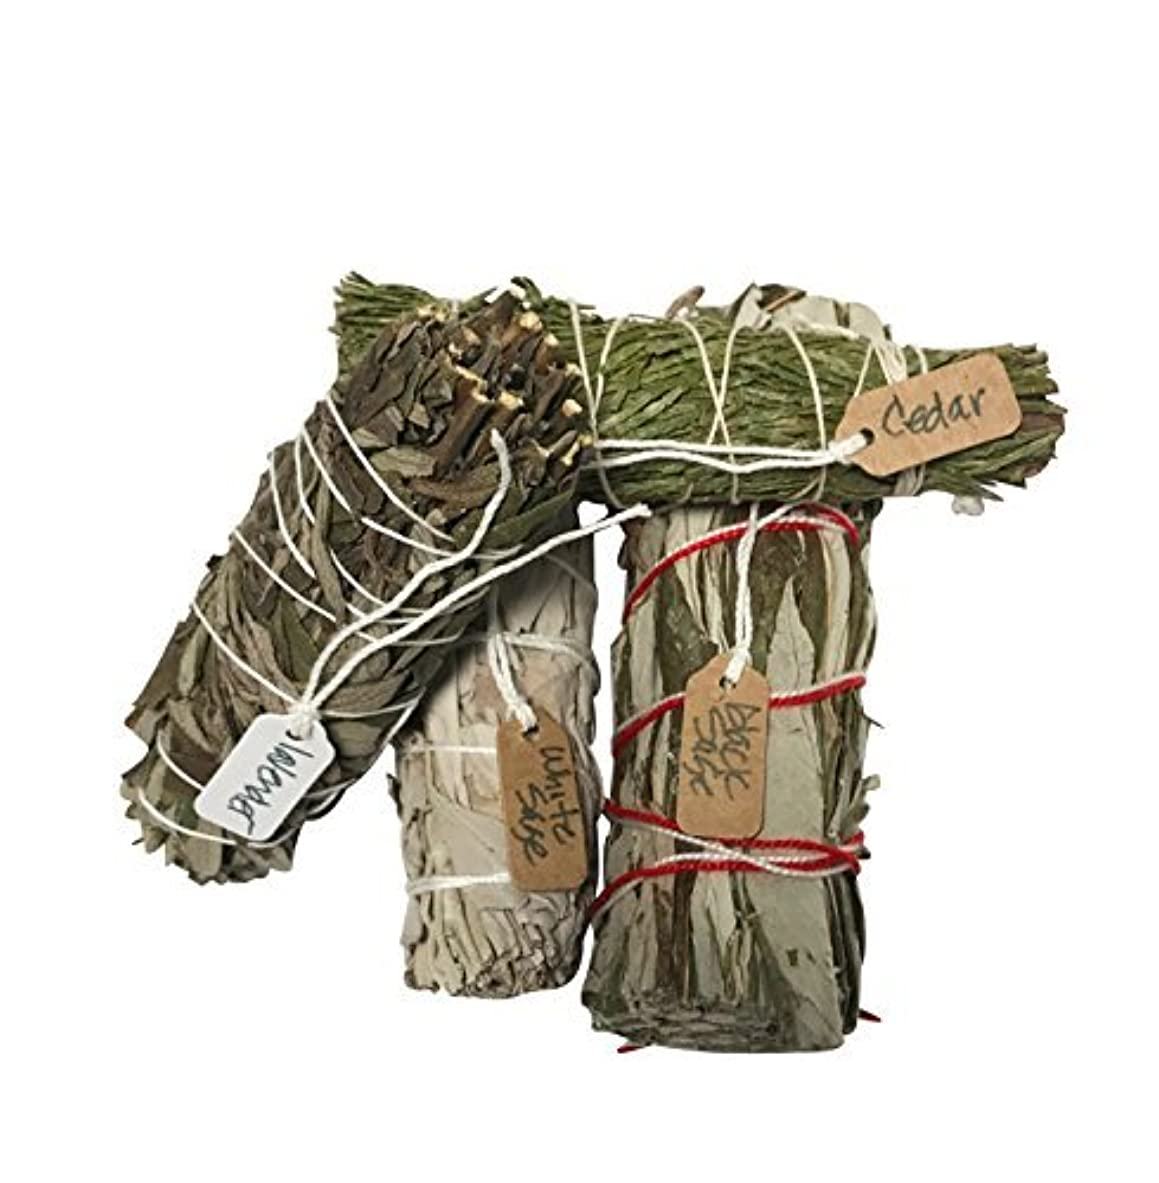 ネズミ宇宙消費者さまざまなSmudge Sticksサンプル最高級のための機会ホワイトセージ、ラベンダー、杉、ブラックセージ1つの各4 Inches Long。